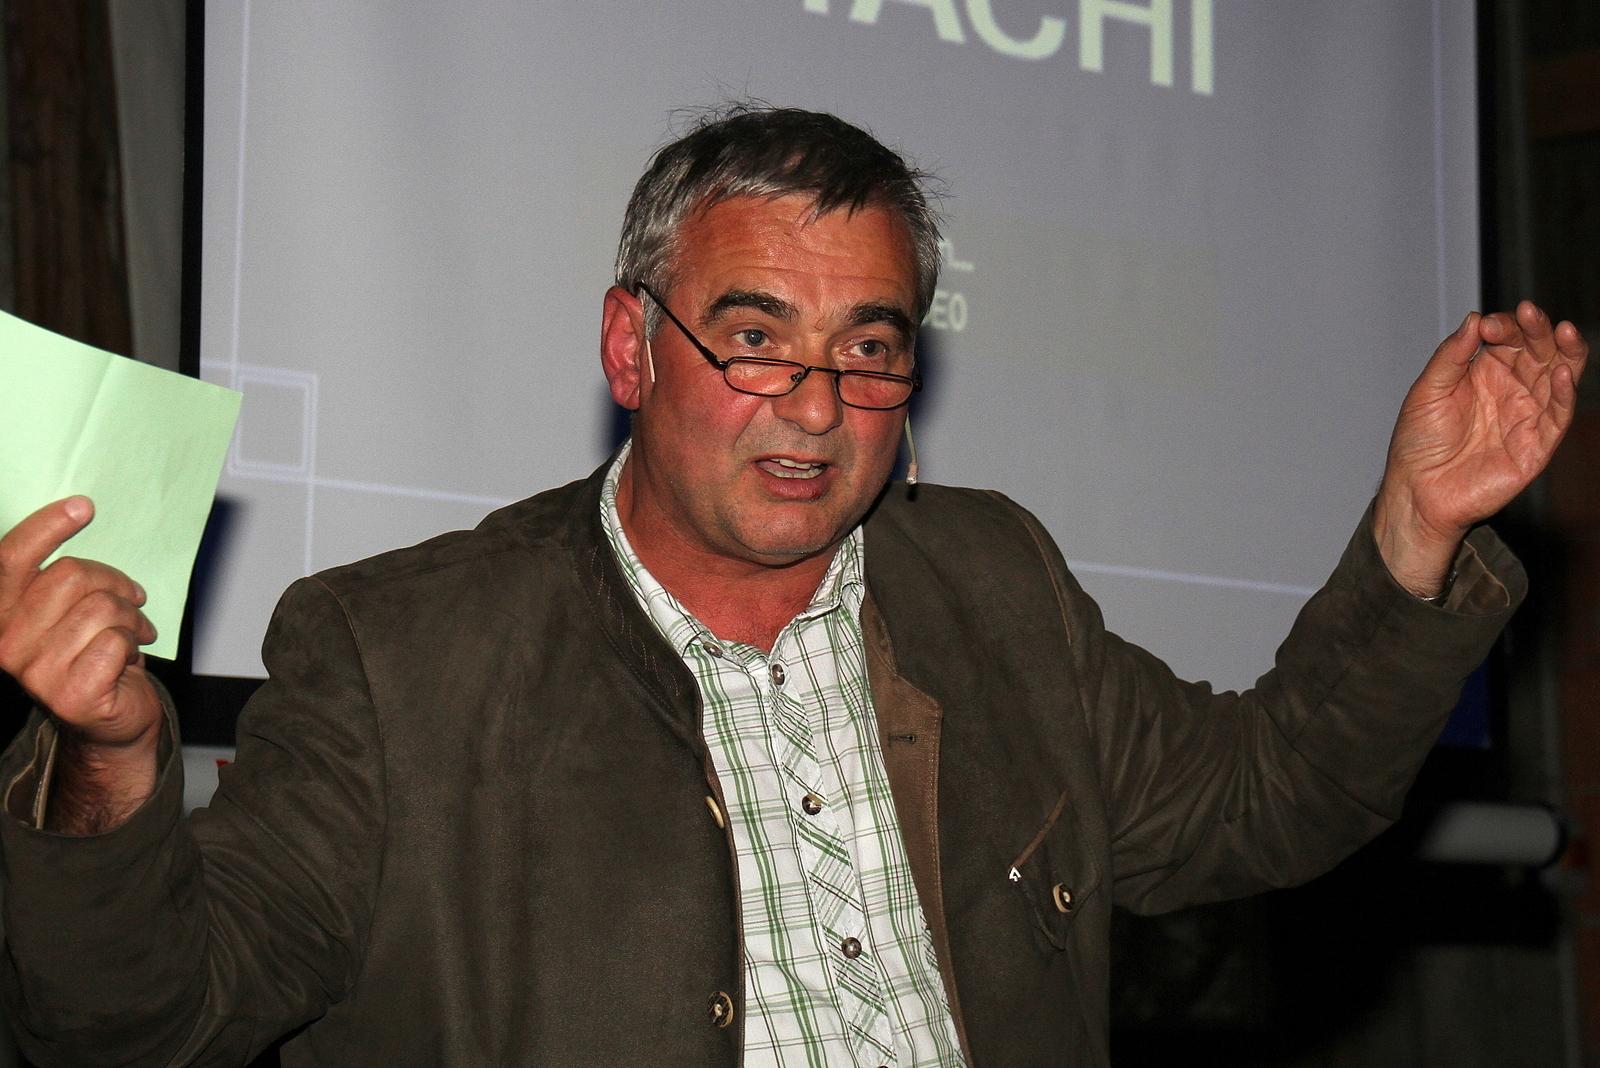 Landwirtschaftsamtsleiter Alfons Leitenbacher stresste die Wichtigkeit eines ökologischen, nachhaltigen Kreislaufs in der Landwirtschaft.